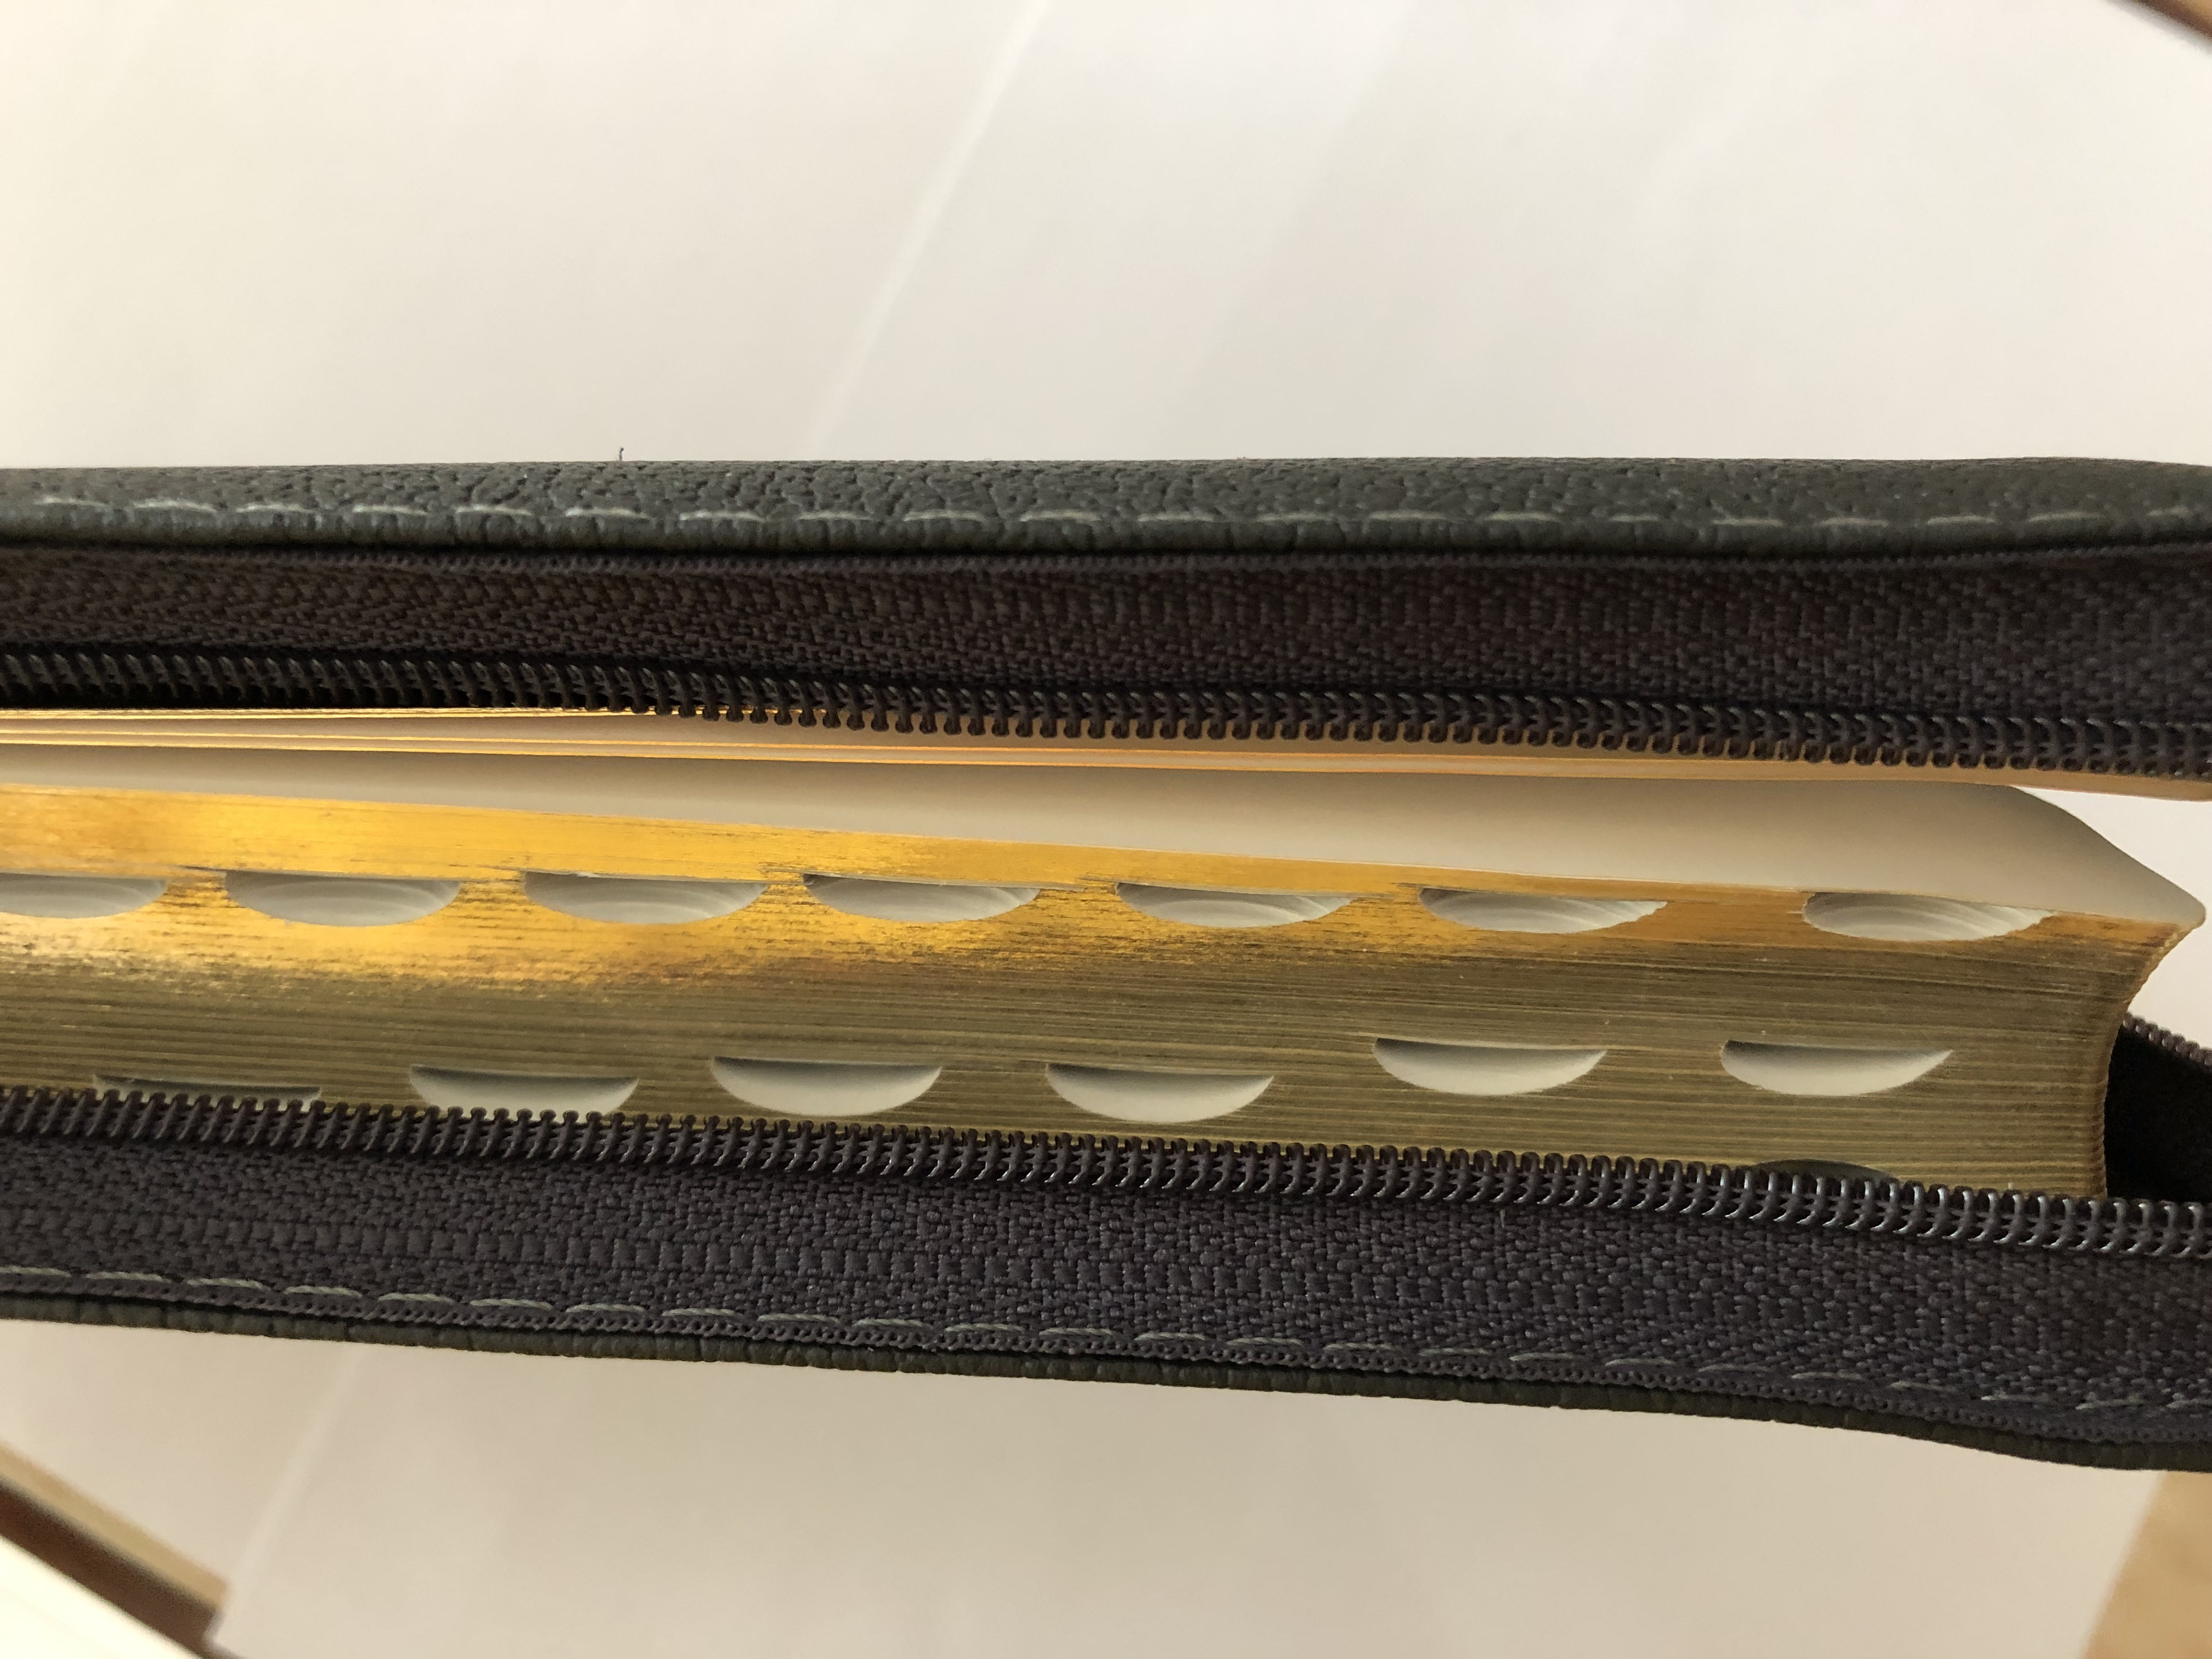 bala-luk-do-holy-bible-in-lun-bawang-language-borneo-lundayeh-lb-052p-leather-bound-3-.jpg